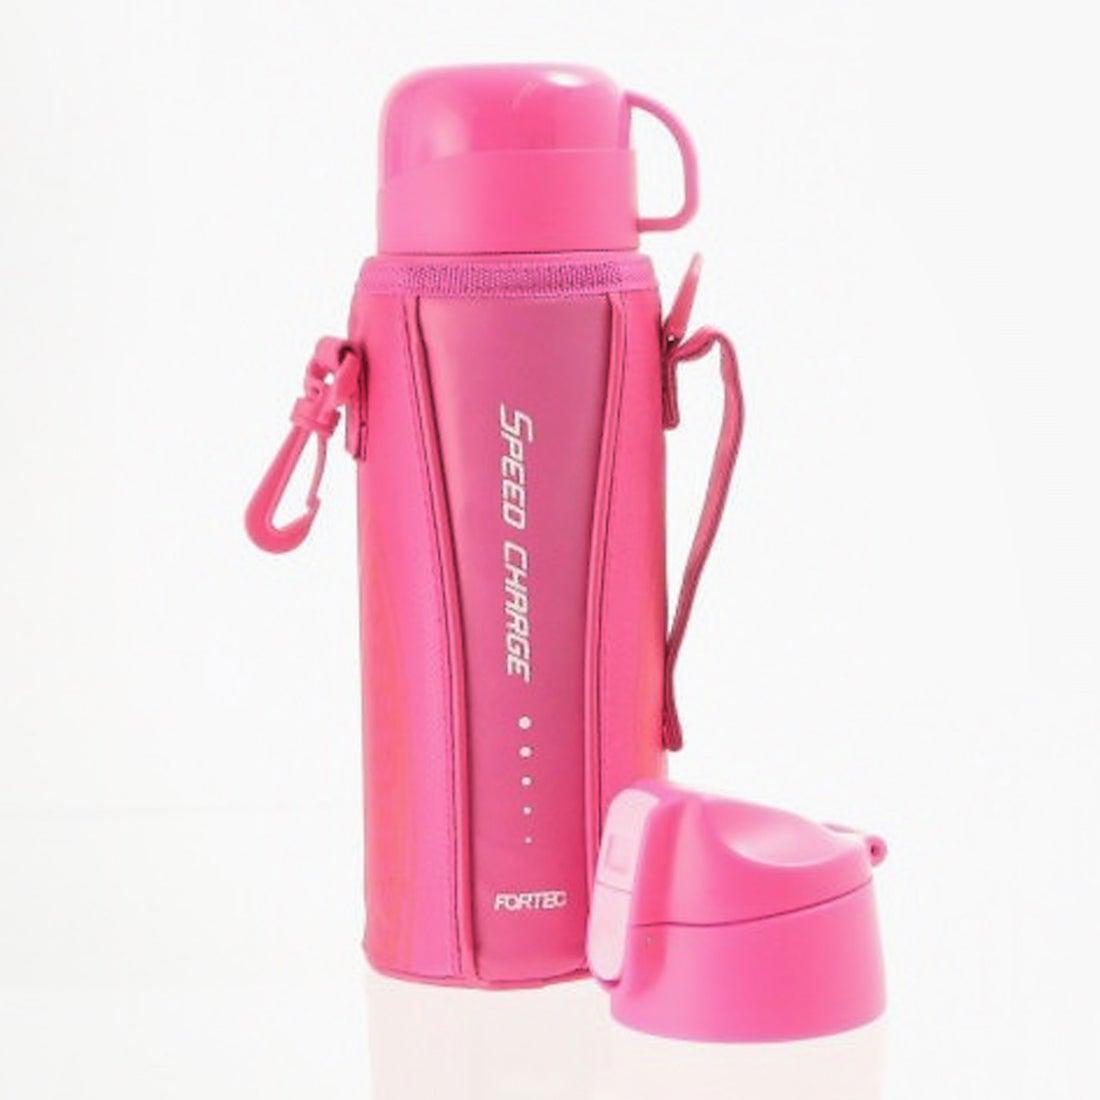 スピード SPEEDO フォルテック・スピード 2WAYボトル FSR-619 (ピンク)